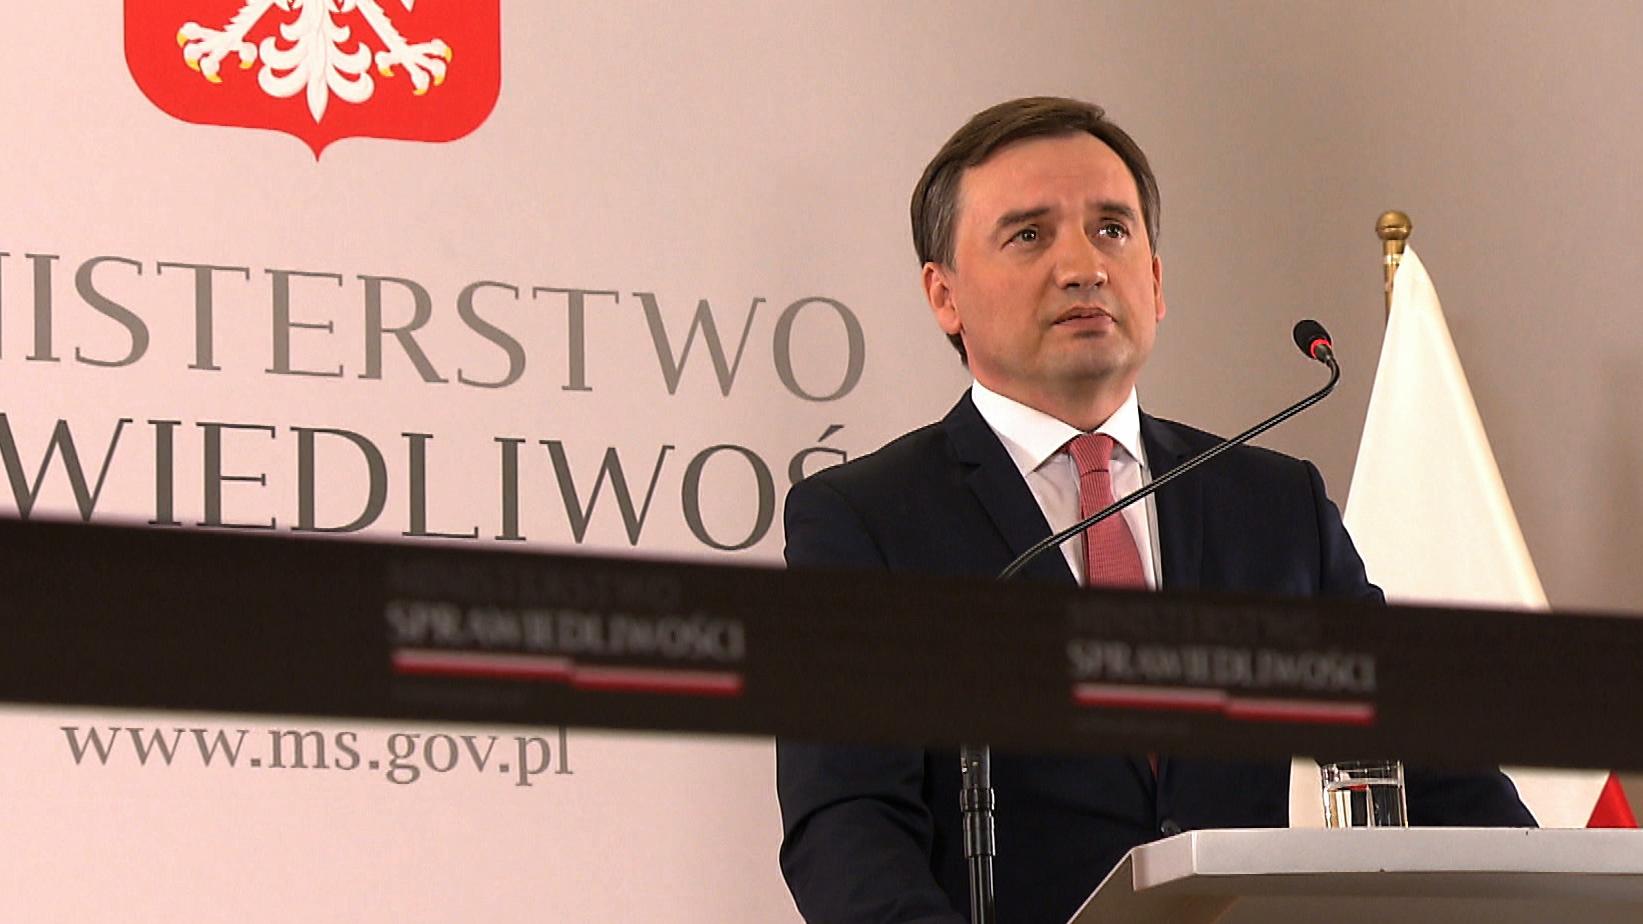 """280 milionów złotych wydane """"niegospodarnie i niecelowo"""" z Funduszu Sprawiedliwości"""